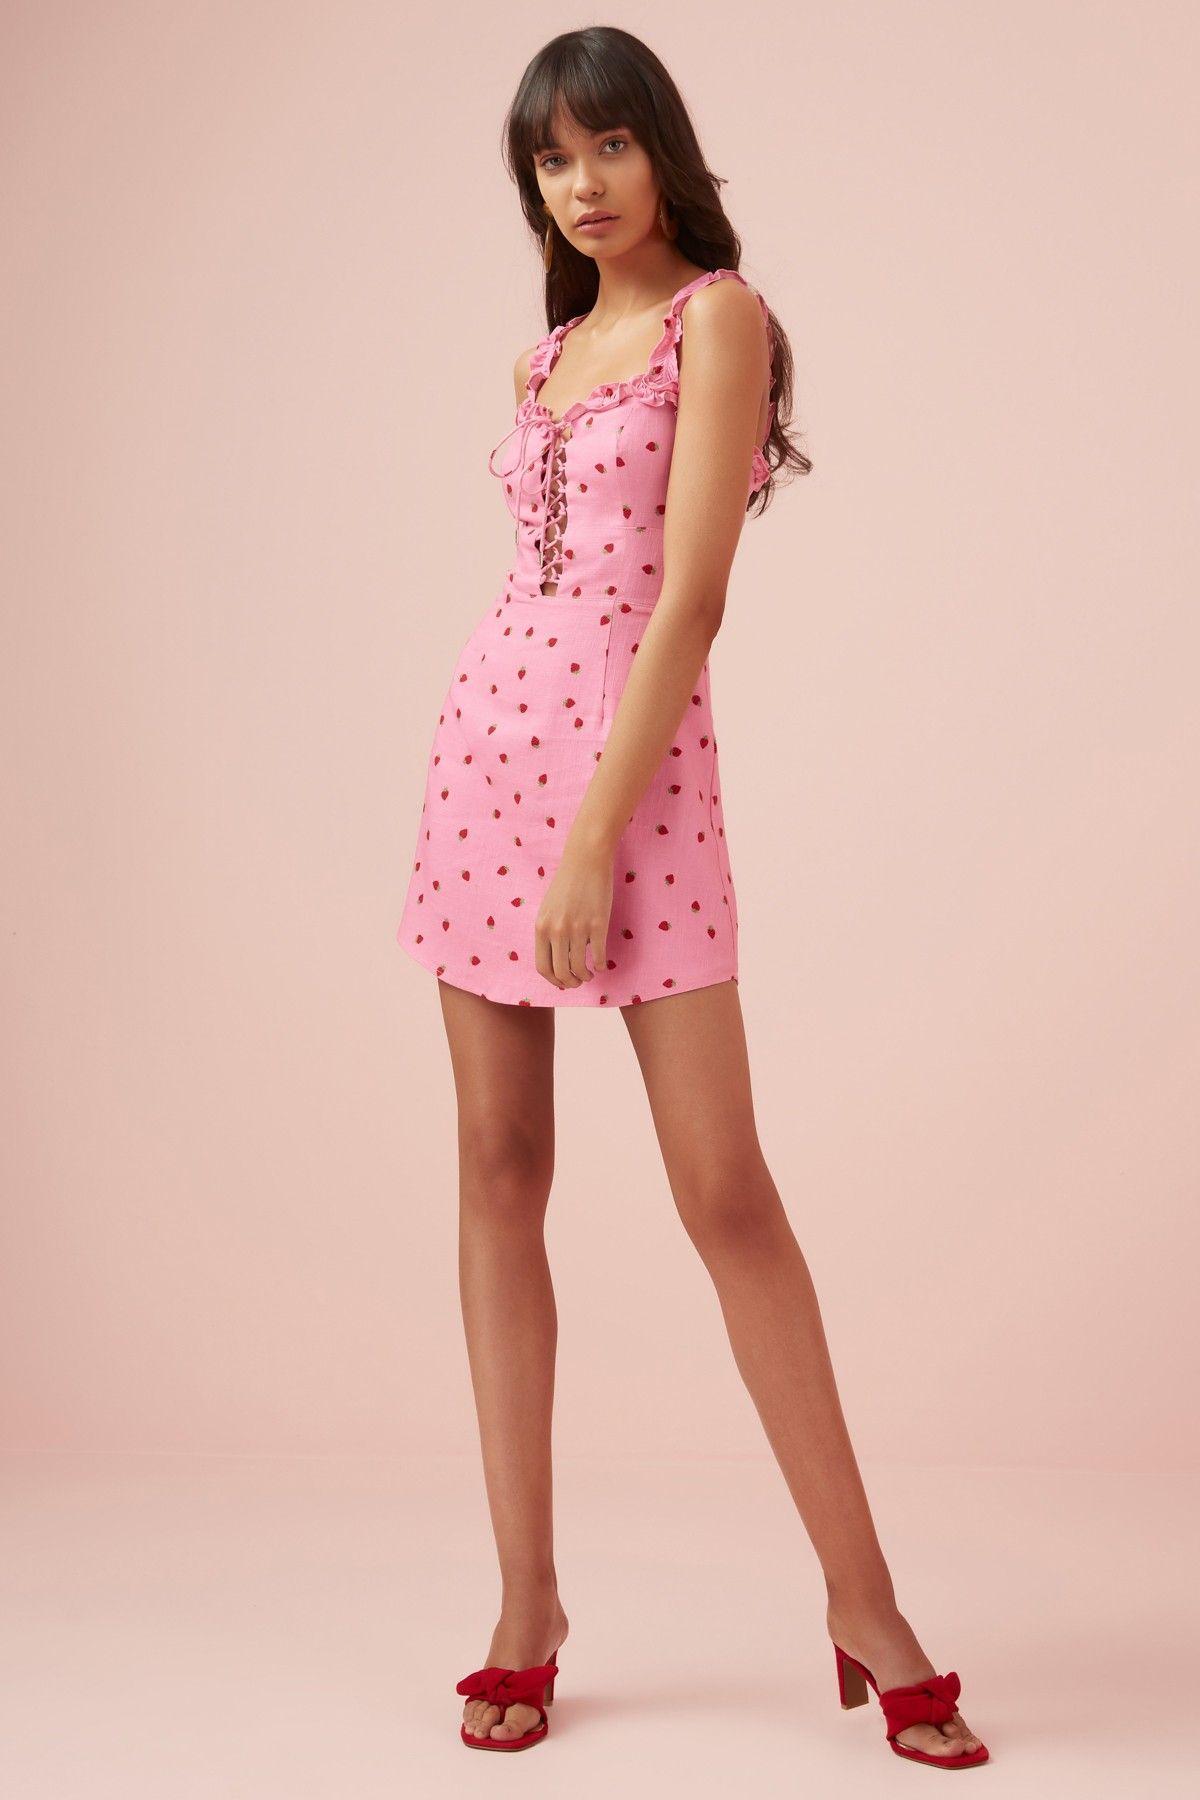 Lola Mini Dress Pink Strawberry Finders Keepers Bnkr Mini Dresses Online Mini Dress Pink Mini Dresses [ 1800 x 1200 Pixel ]